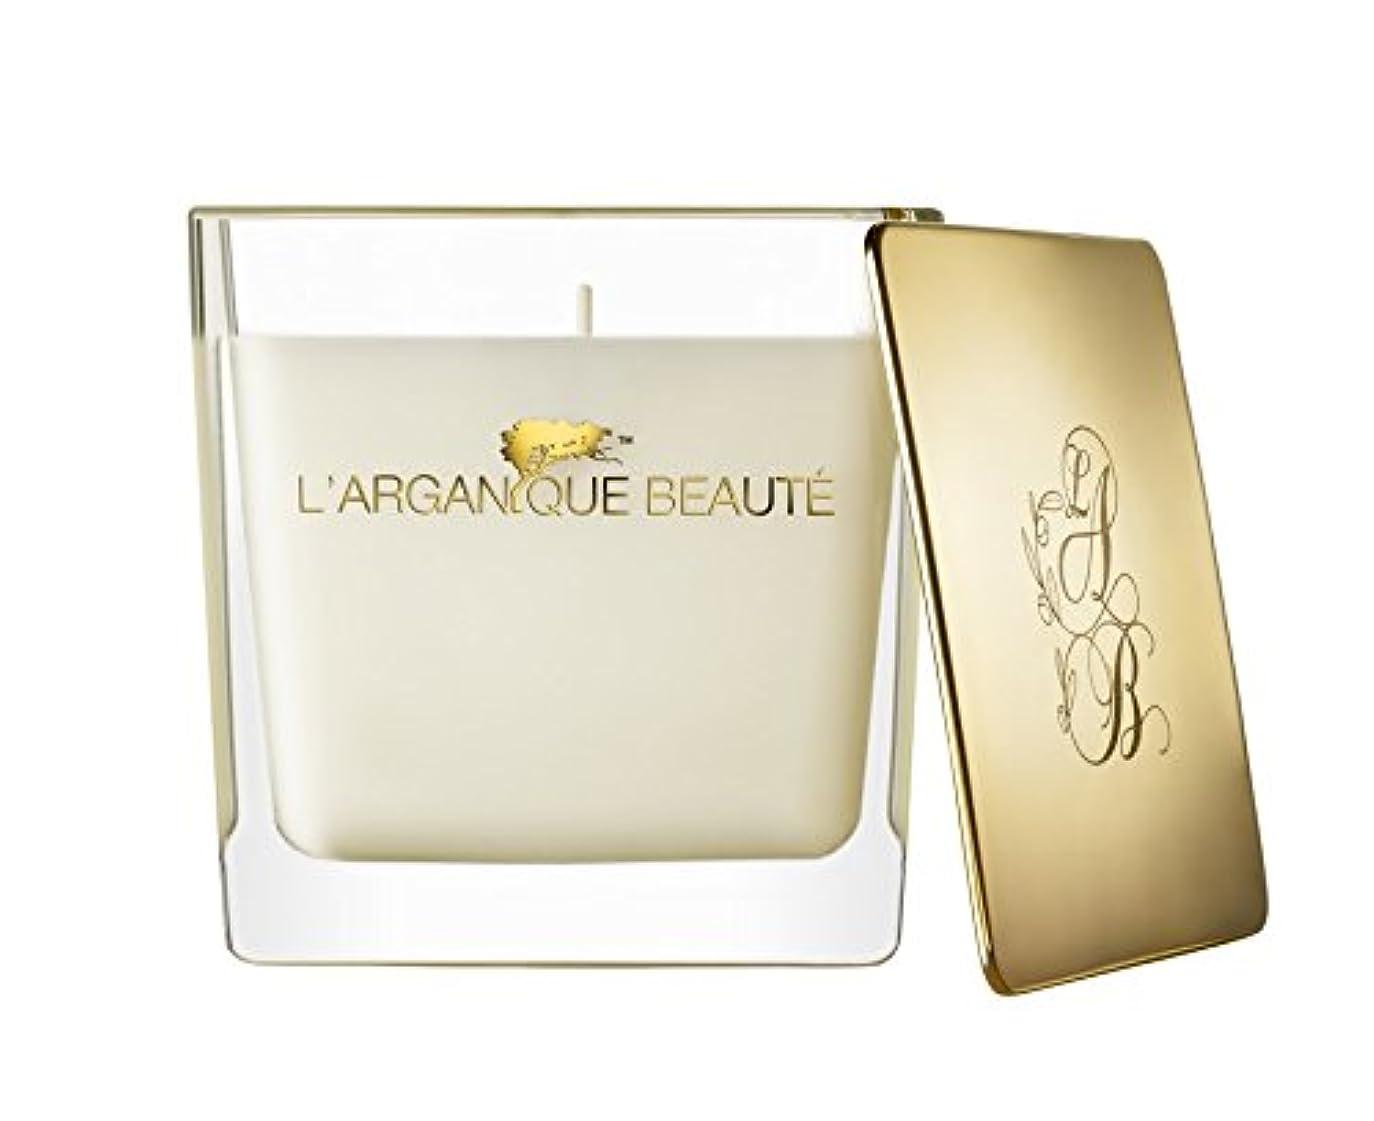 きちんとしたちっちゃいハーネスL 'arganique Beaute Luxury Scented Candle、Perfumed香りSpa Candle – Made w / 100 %大豆ワックス、鉛フリーWick、純粋なモロッコアルガンオイルEssence...